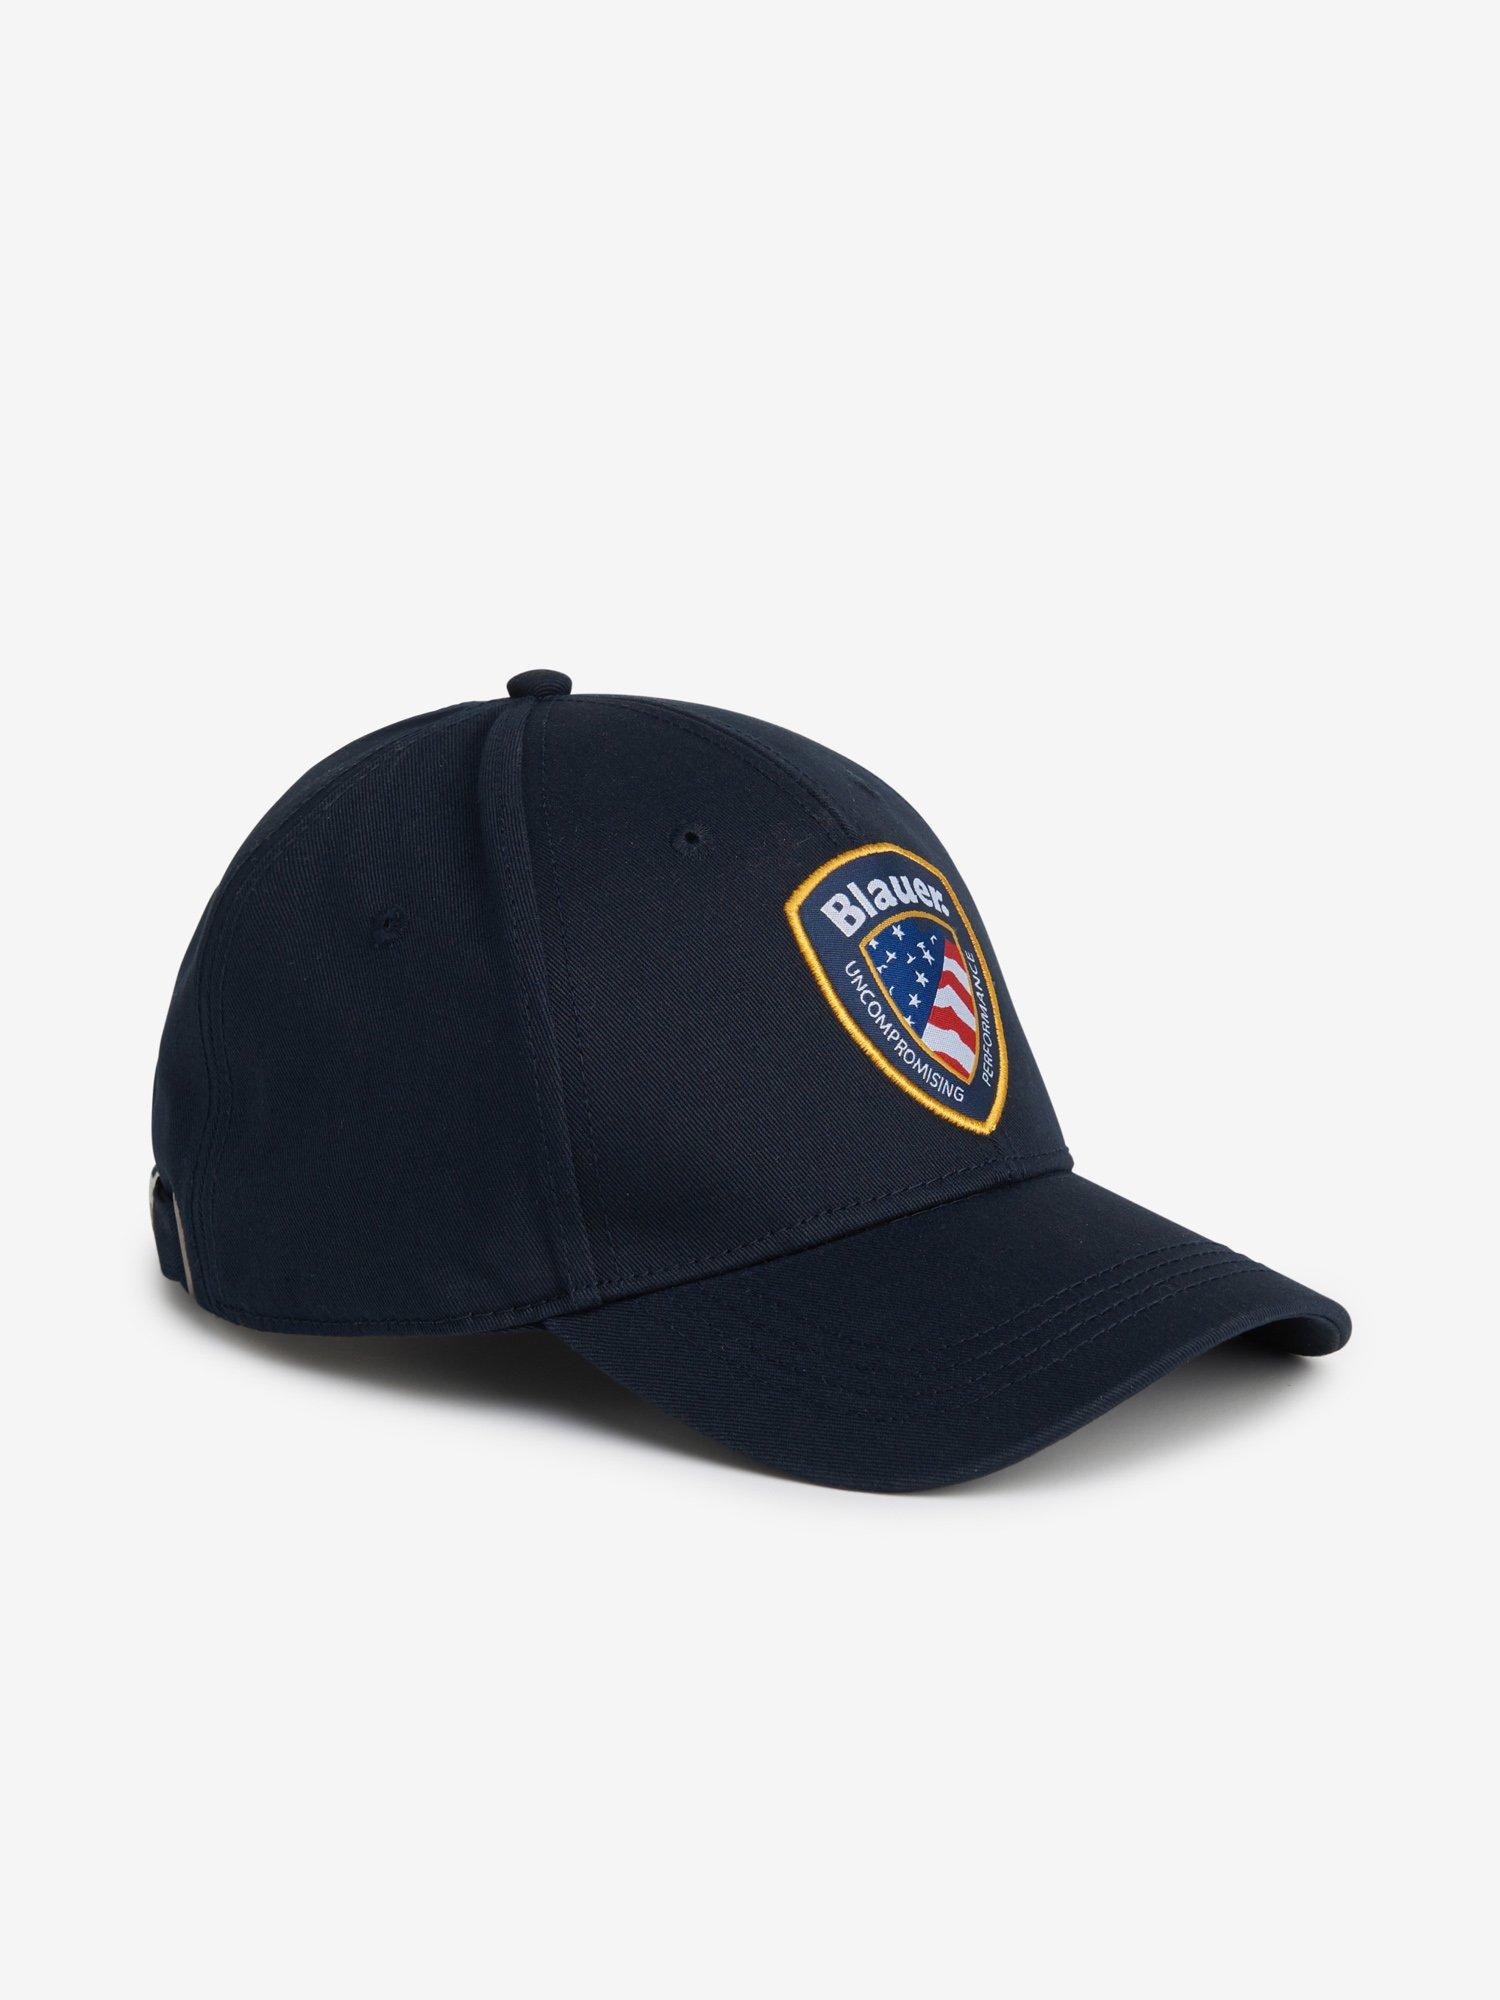 BLAUER PATCH BASEBALL CAP - Blauer